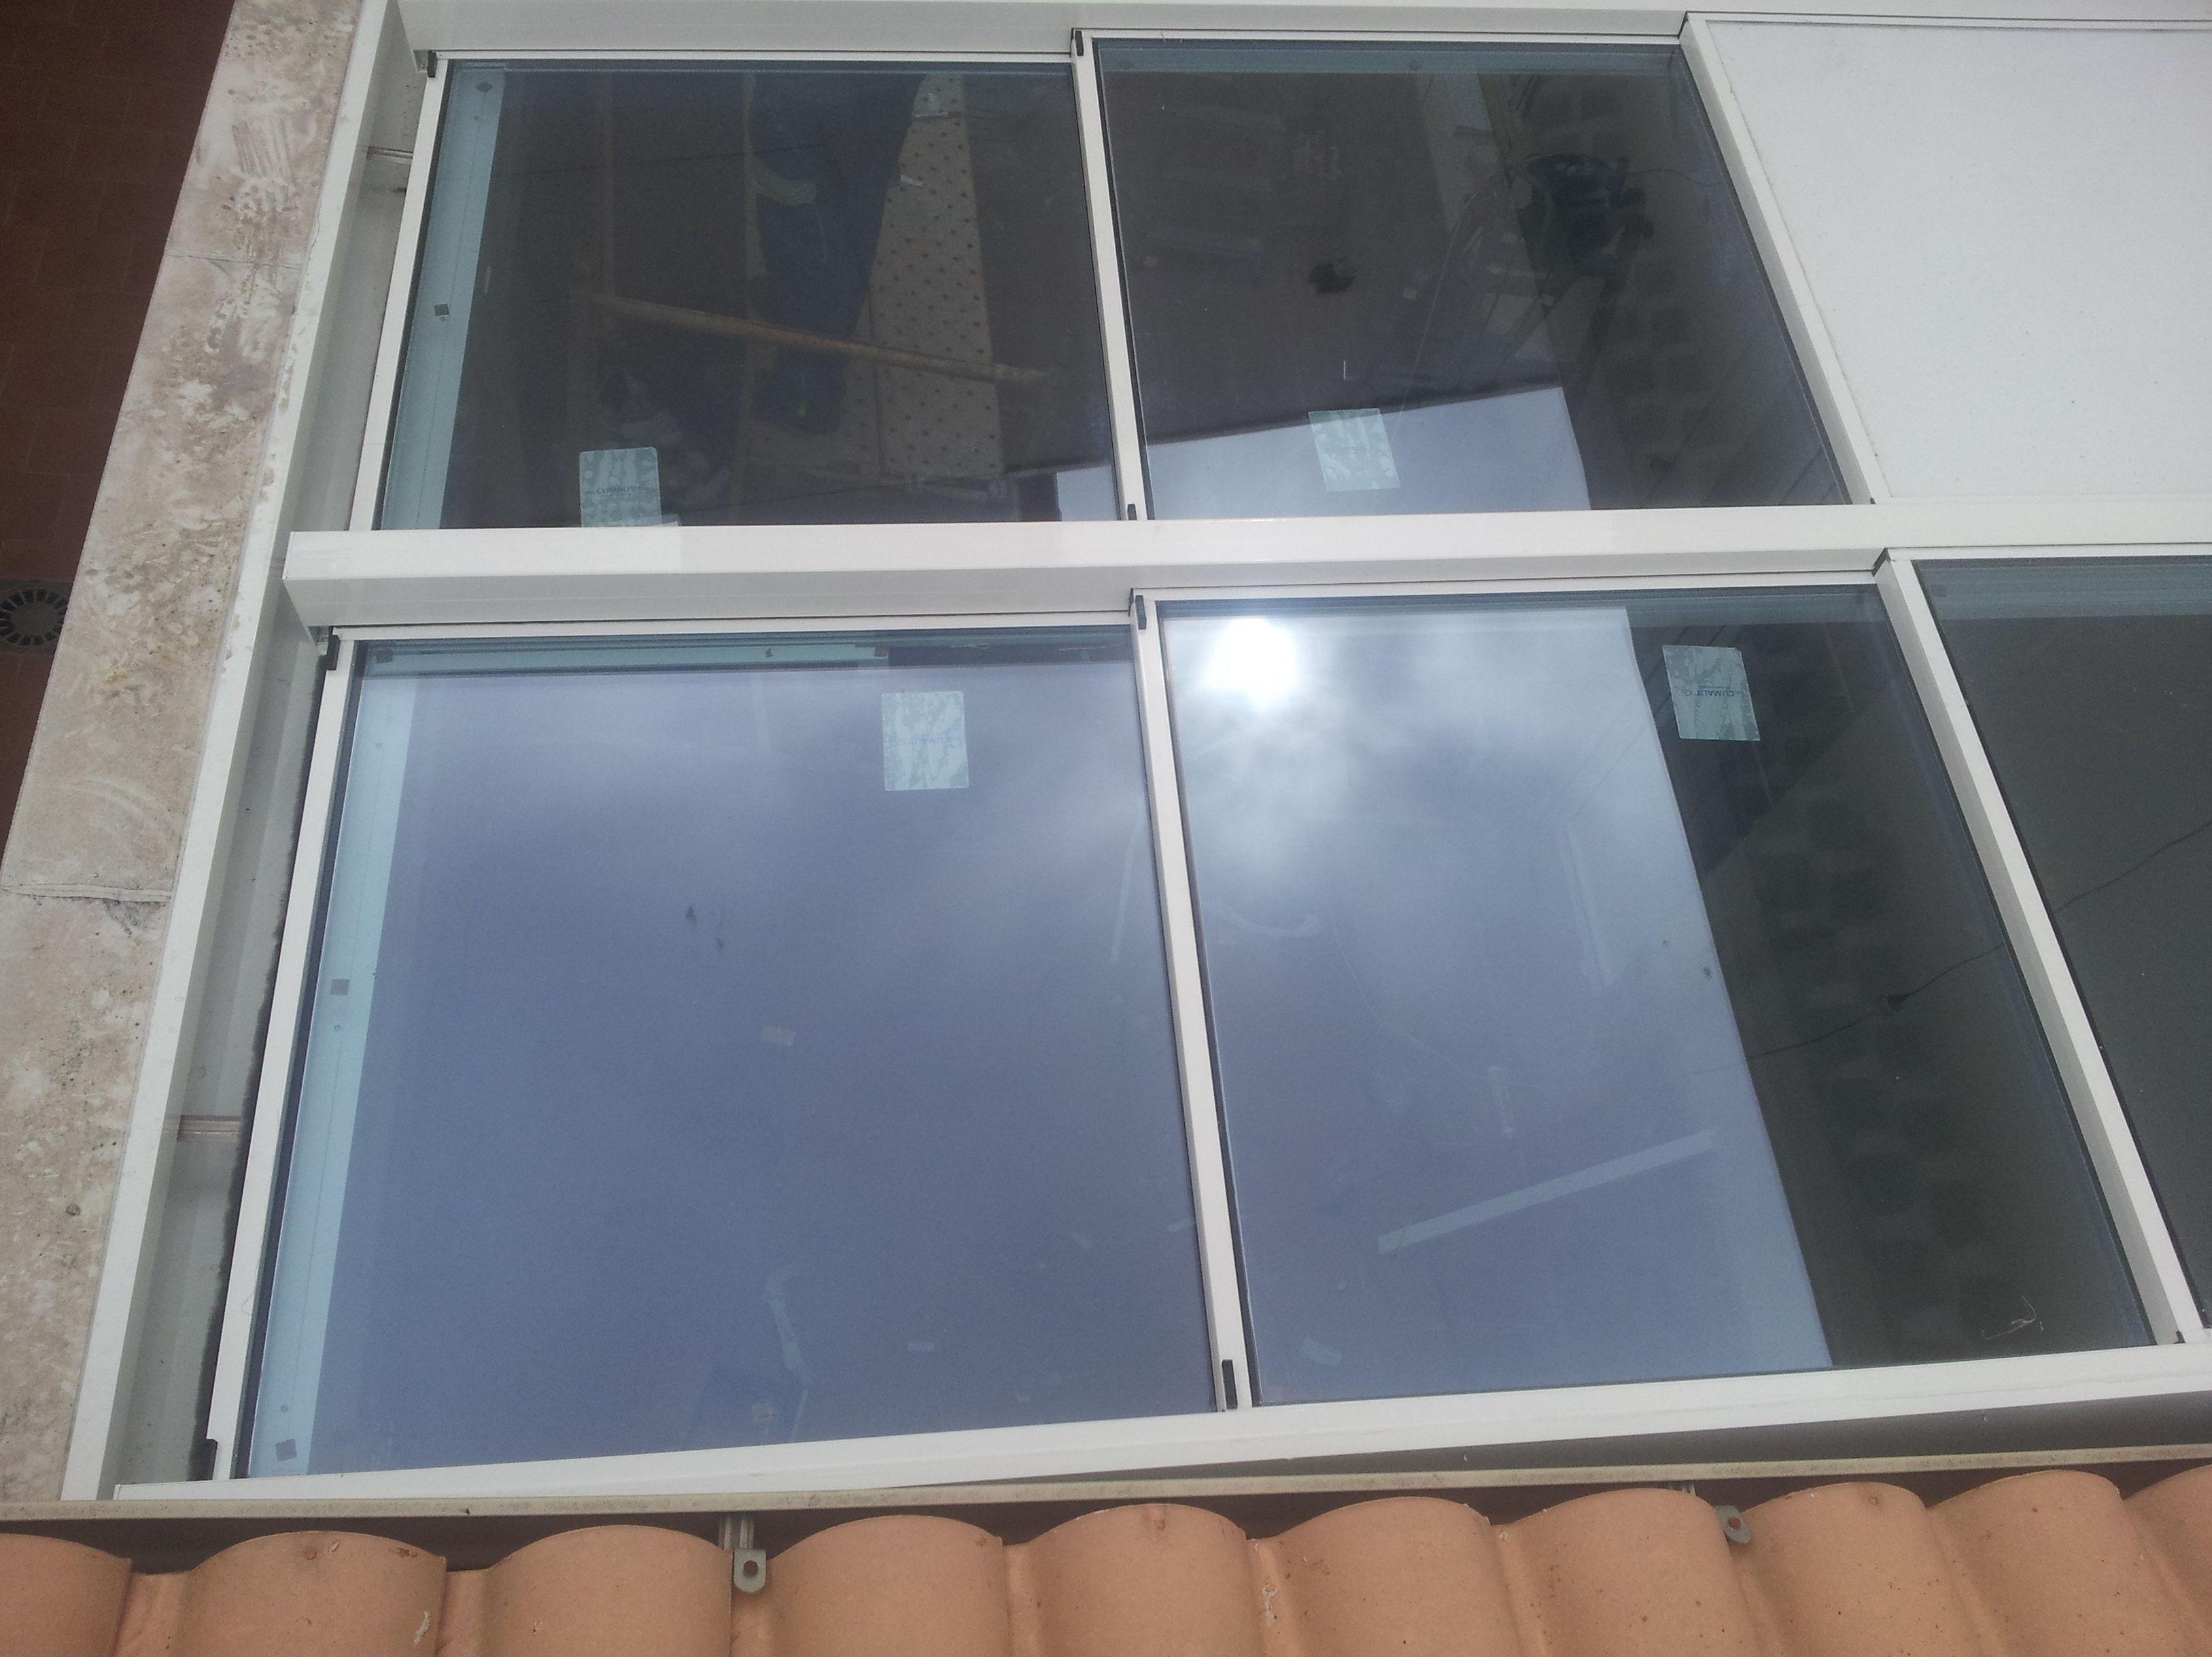 Techo Móvil con vidrio y motorizado, sin duda, una solución para aprovechar estancias en nuestro hogar, sin renunciar a estar al aire libre en determinados momentos